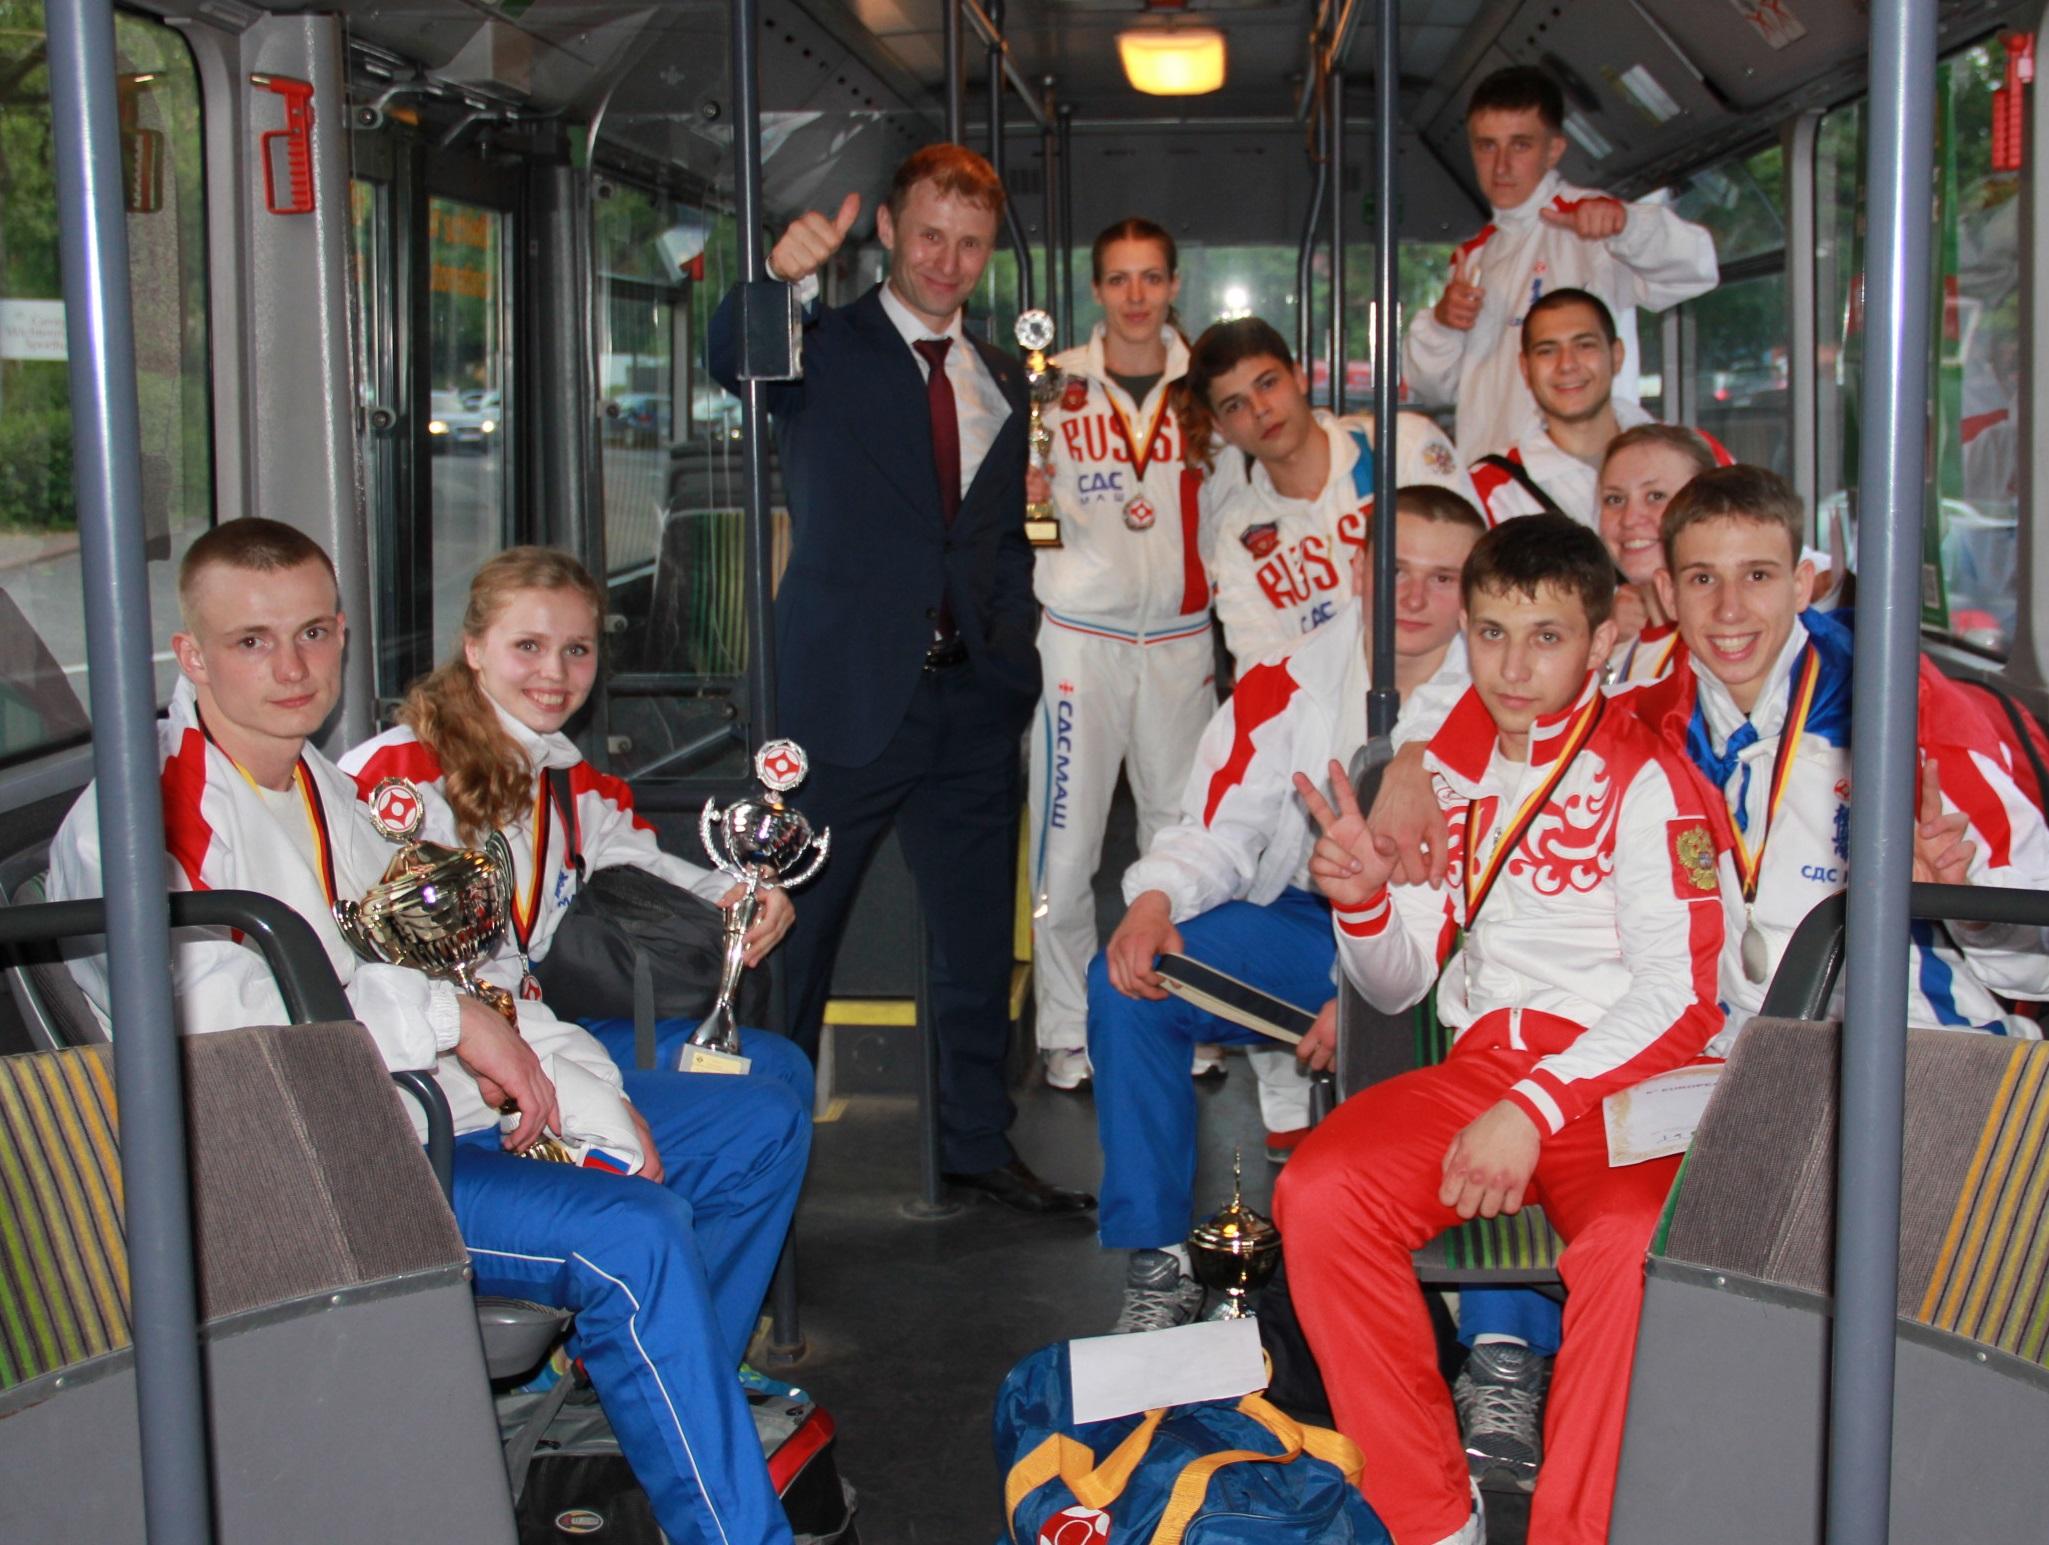 evro-2013-germaniya-prizery-rubtsovskie-sportsmeny-v-sostave-sbornoj-rf-adamovich-e-krugovy-h-a-zimina-a-kartashova-t